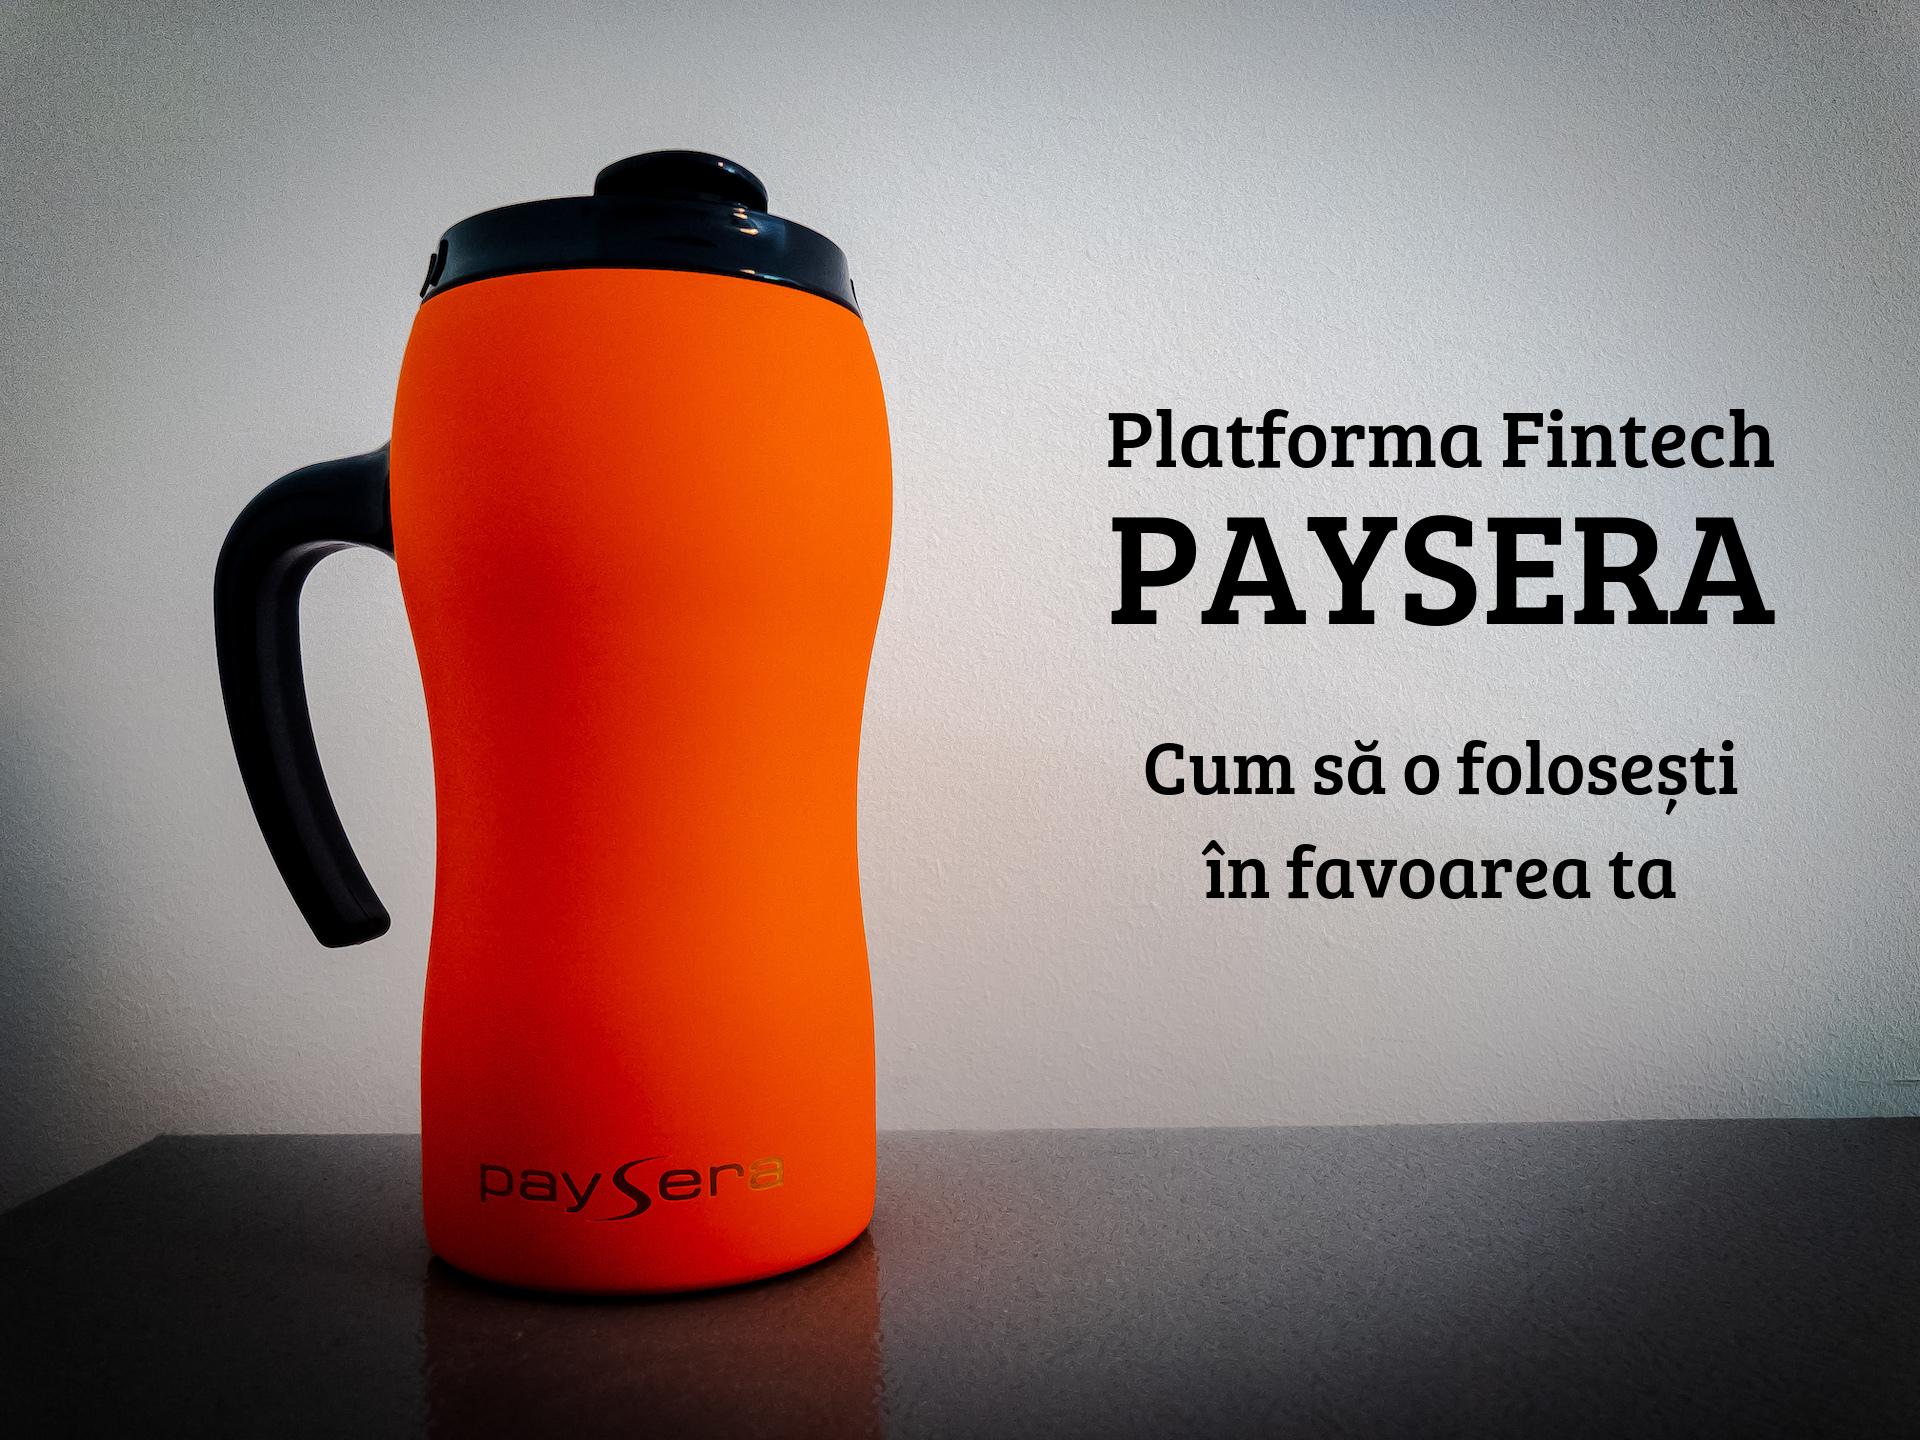 Platforma Fintech Paysera – Cum Să O Folosești în Favoarea Ta